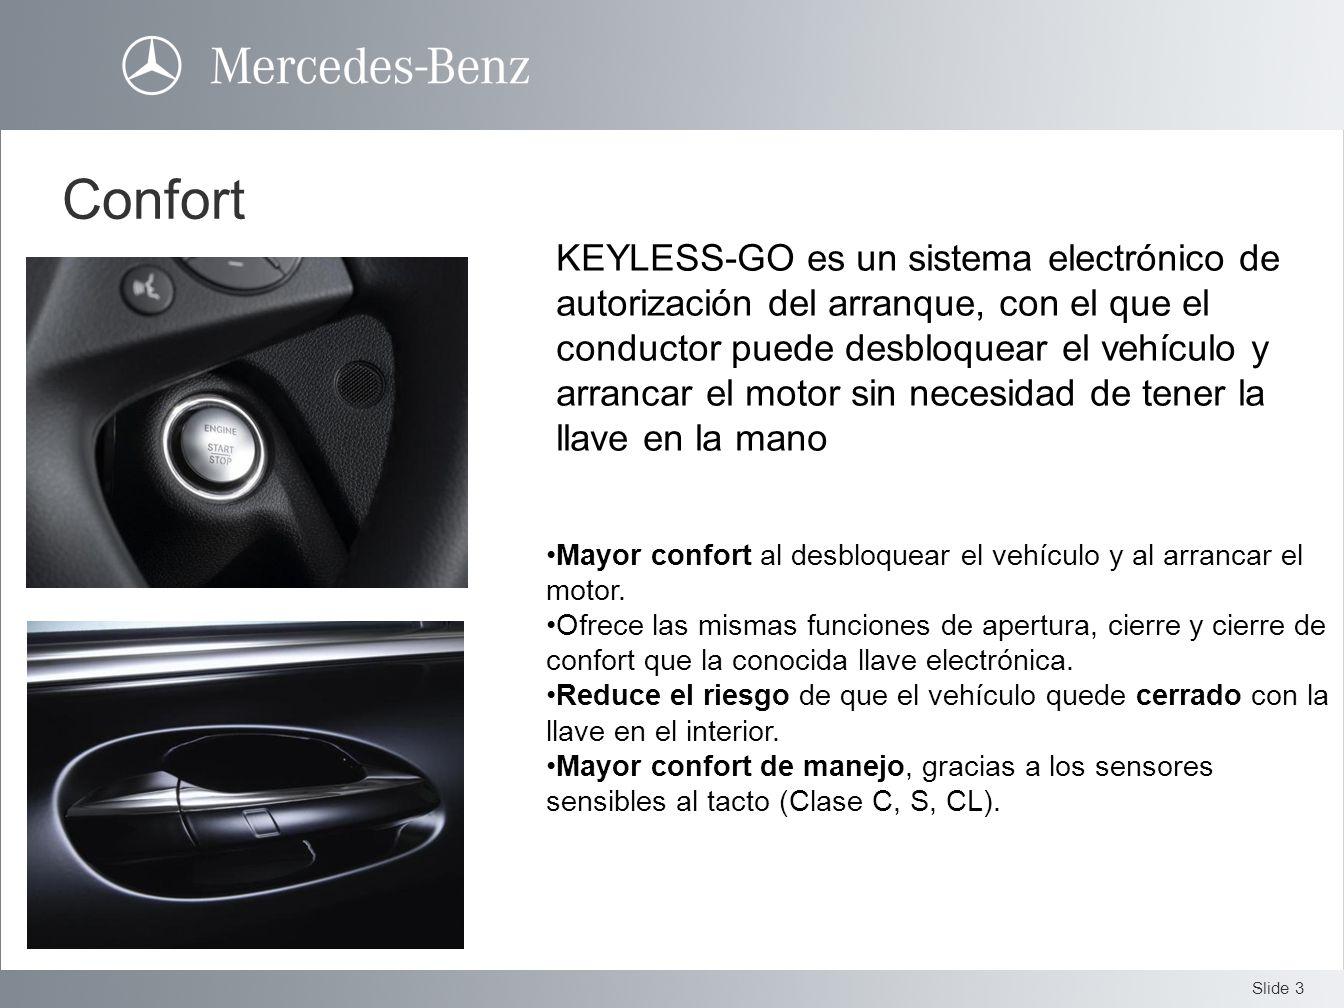 Slide 3 Confort KEYLESS-GO es un sistema electrónico de autorización del arranque, con el que el conductor puede desbloquear el vehículo y arrancar el